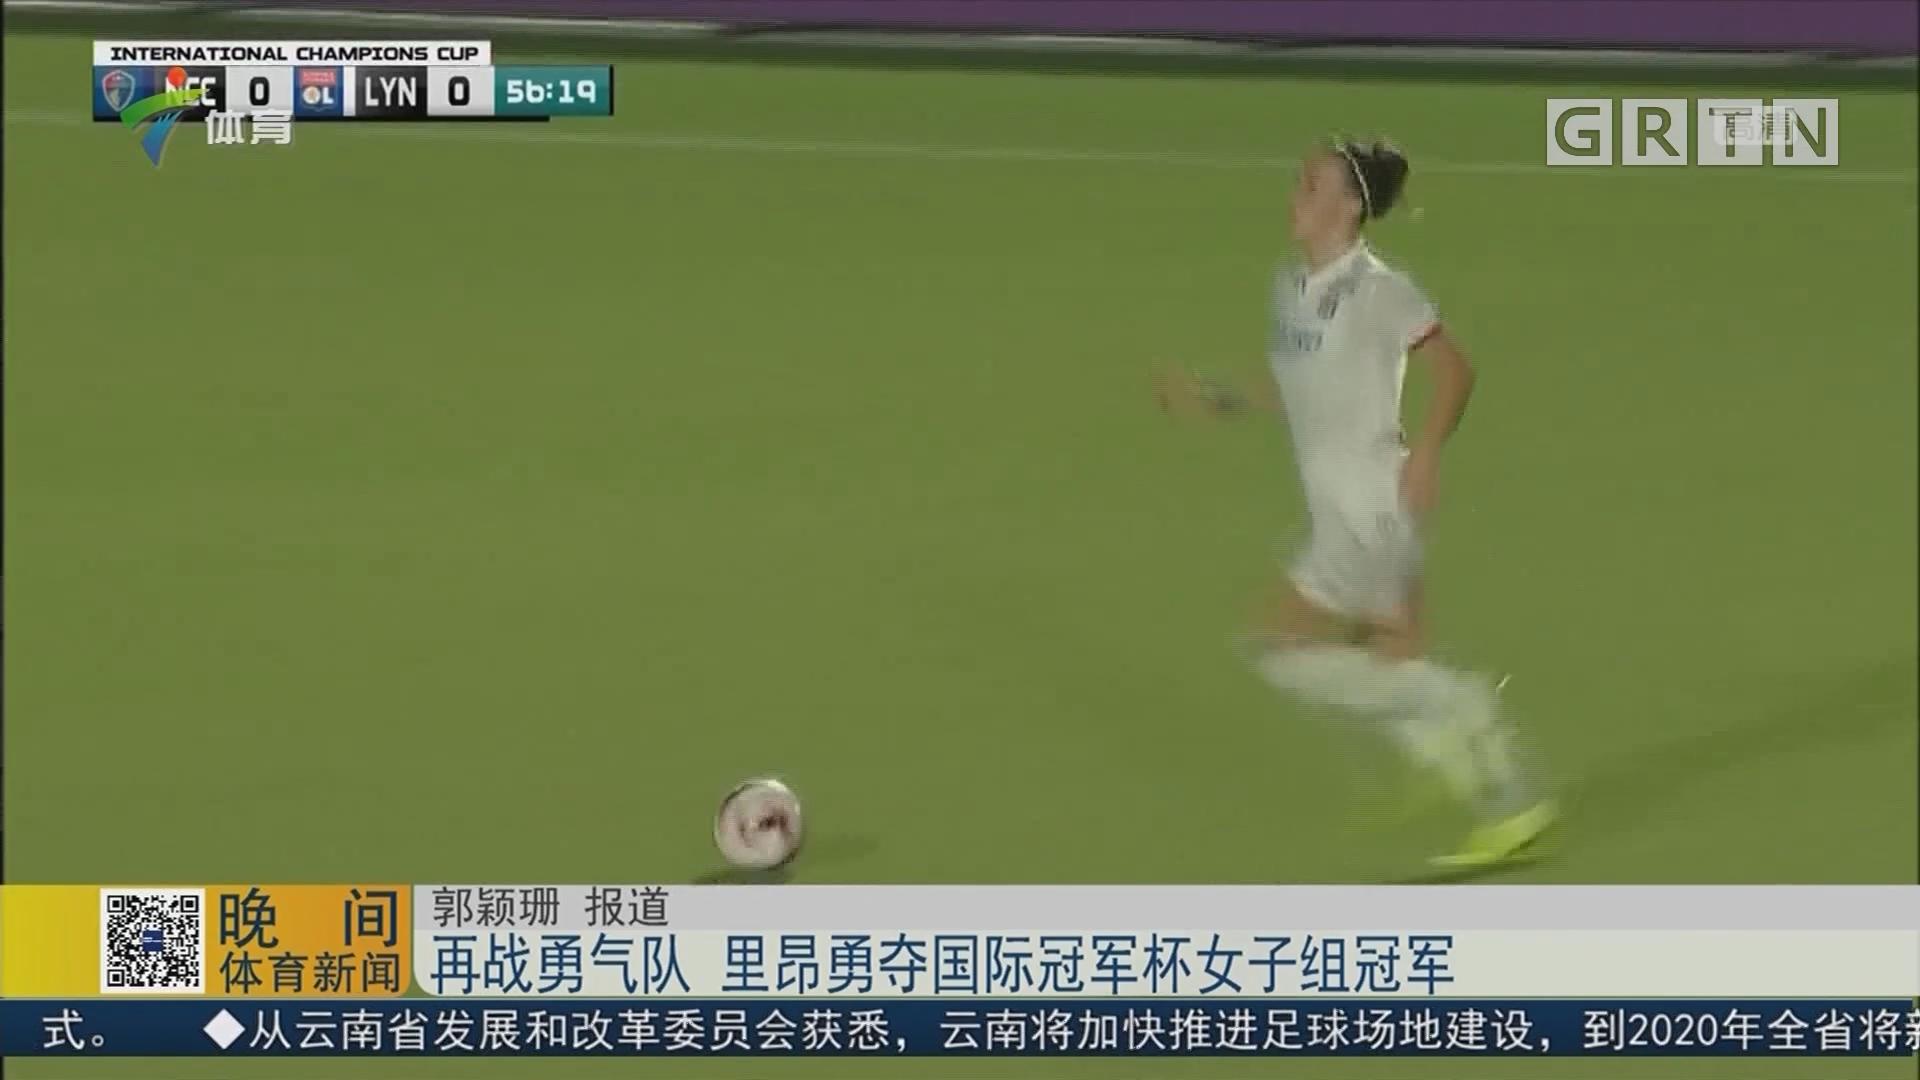 再战勇气队 里昂勇夺国际冠军杯女子组冠军